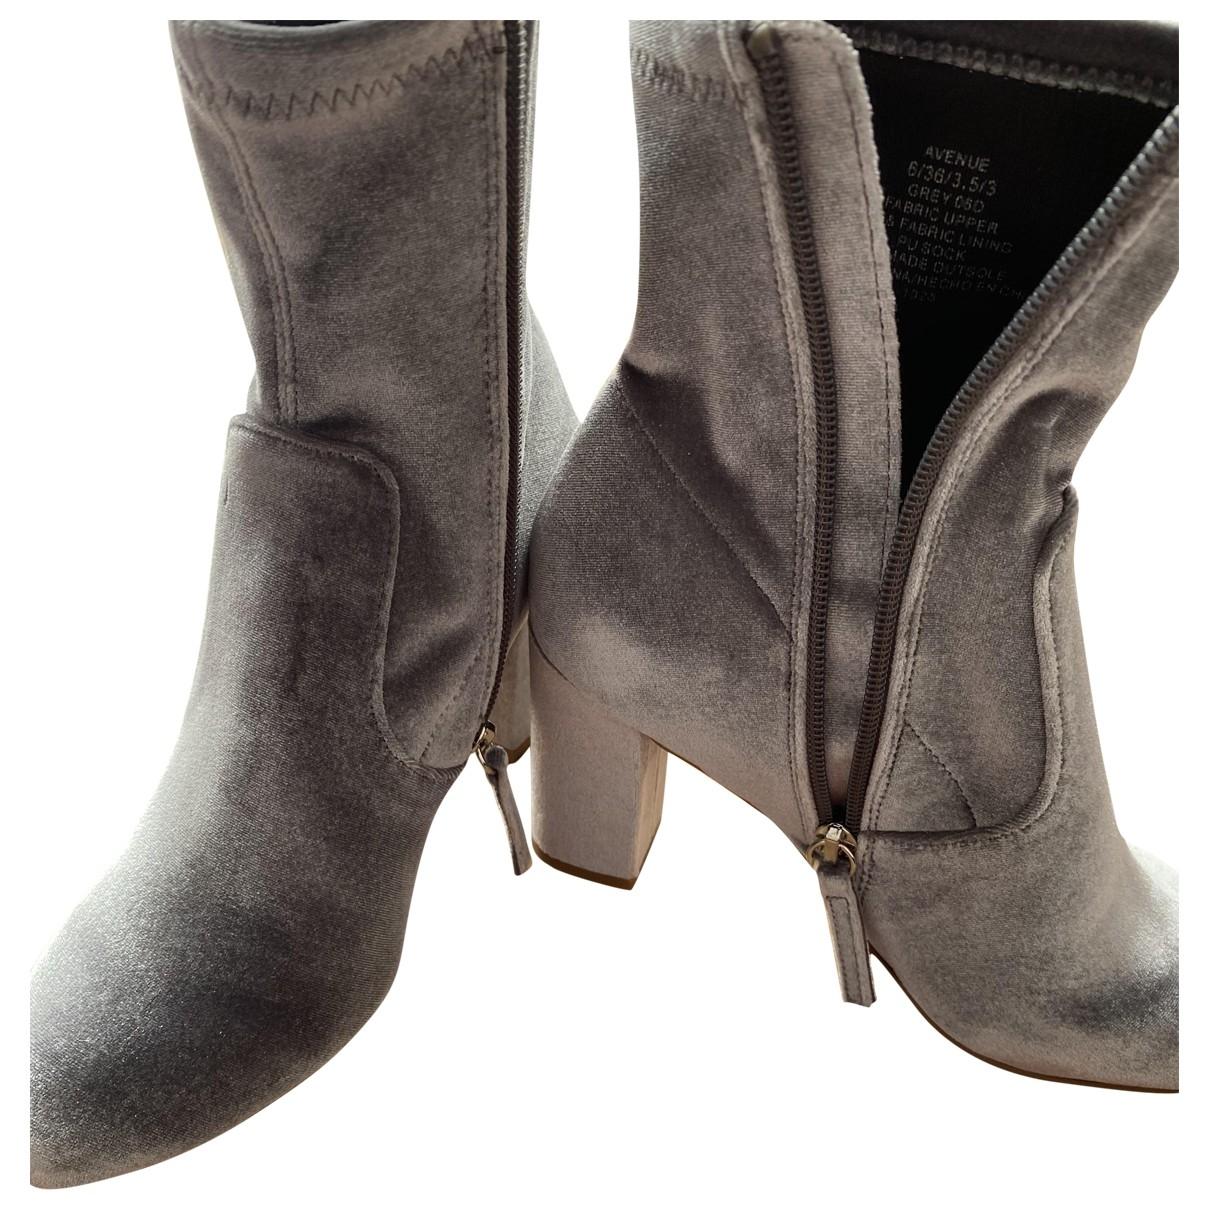 Steve Madden - Boots   pour femme en velours - gris